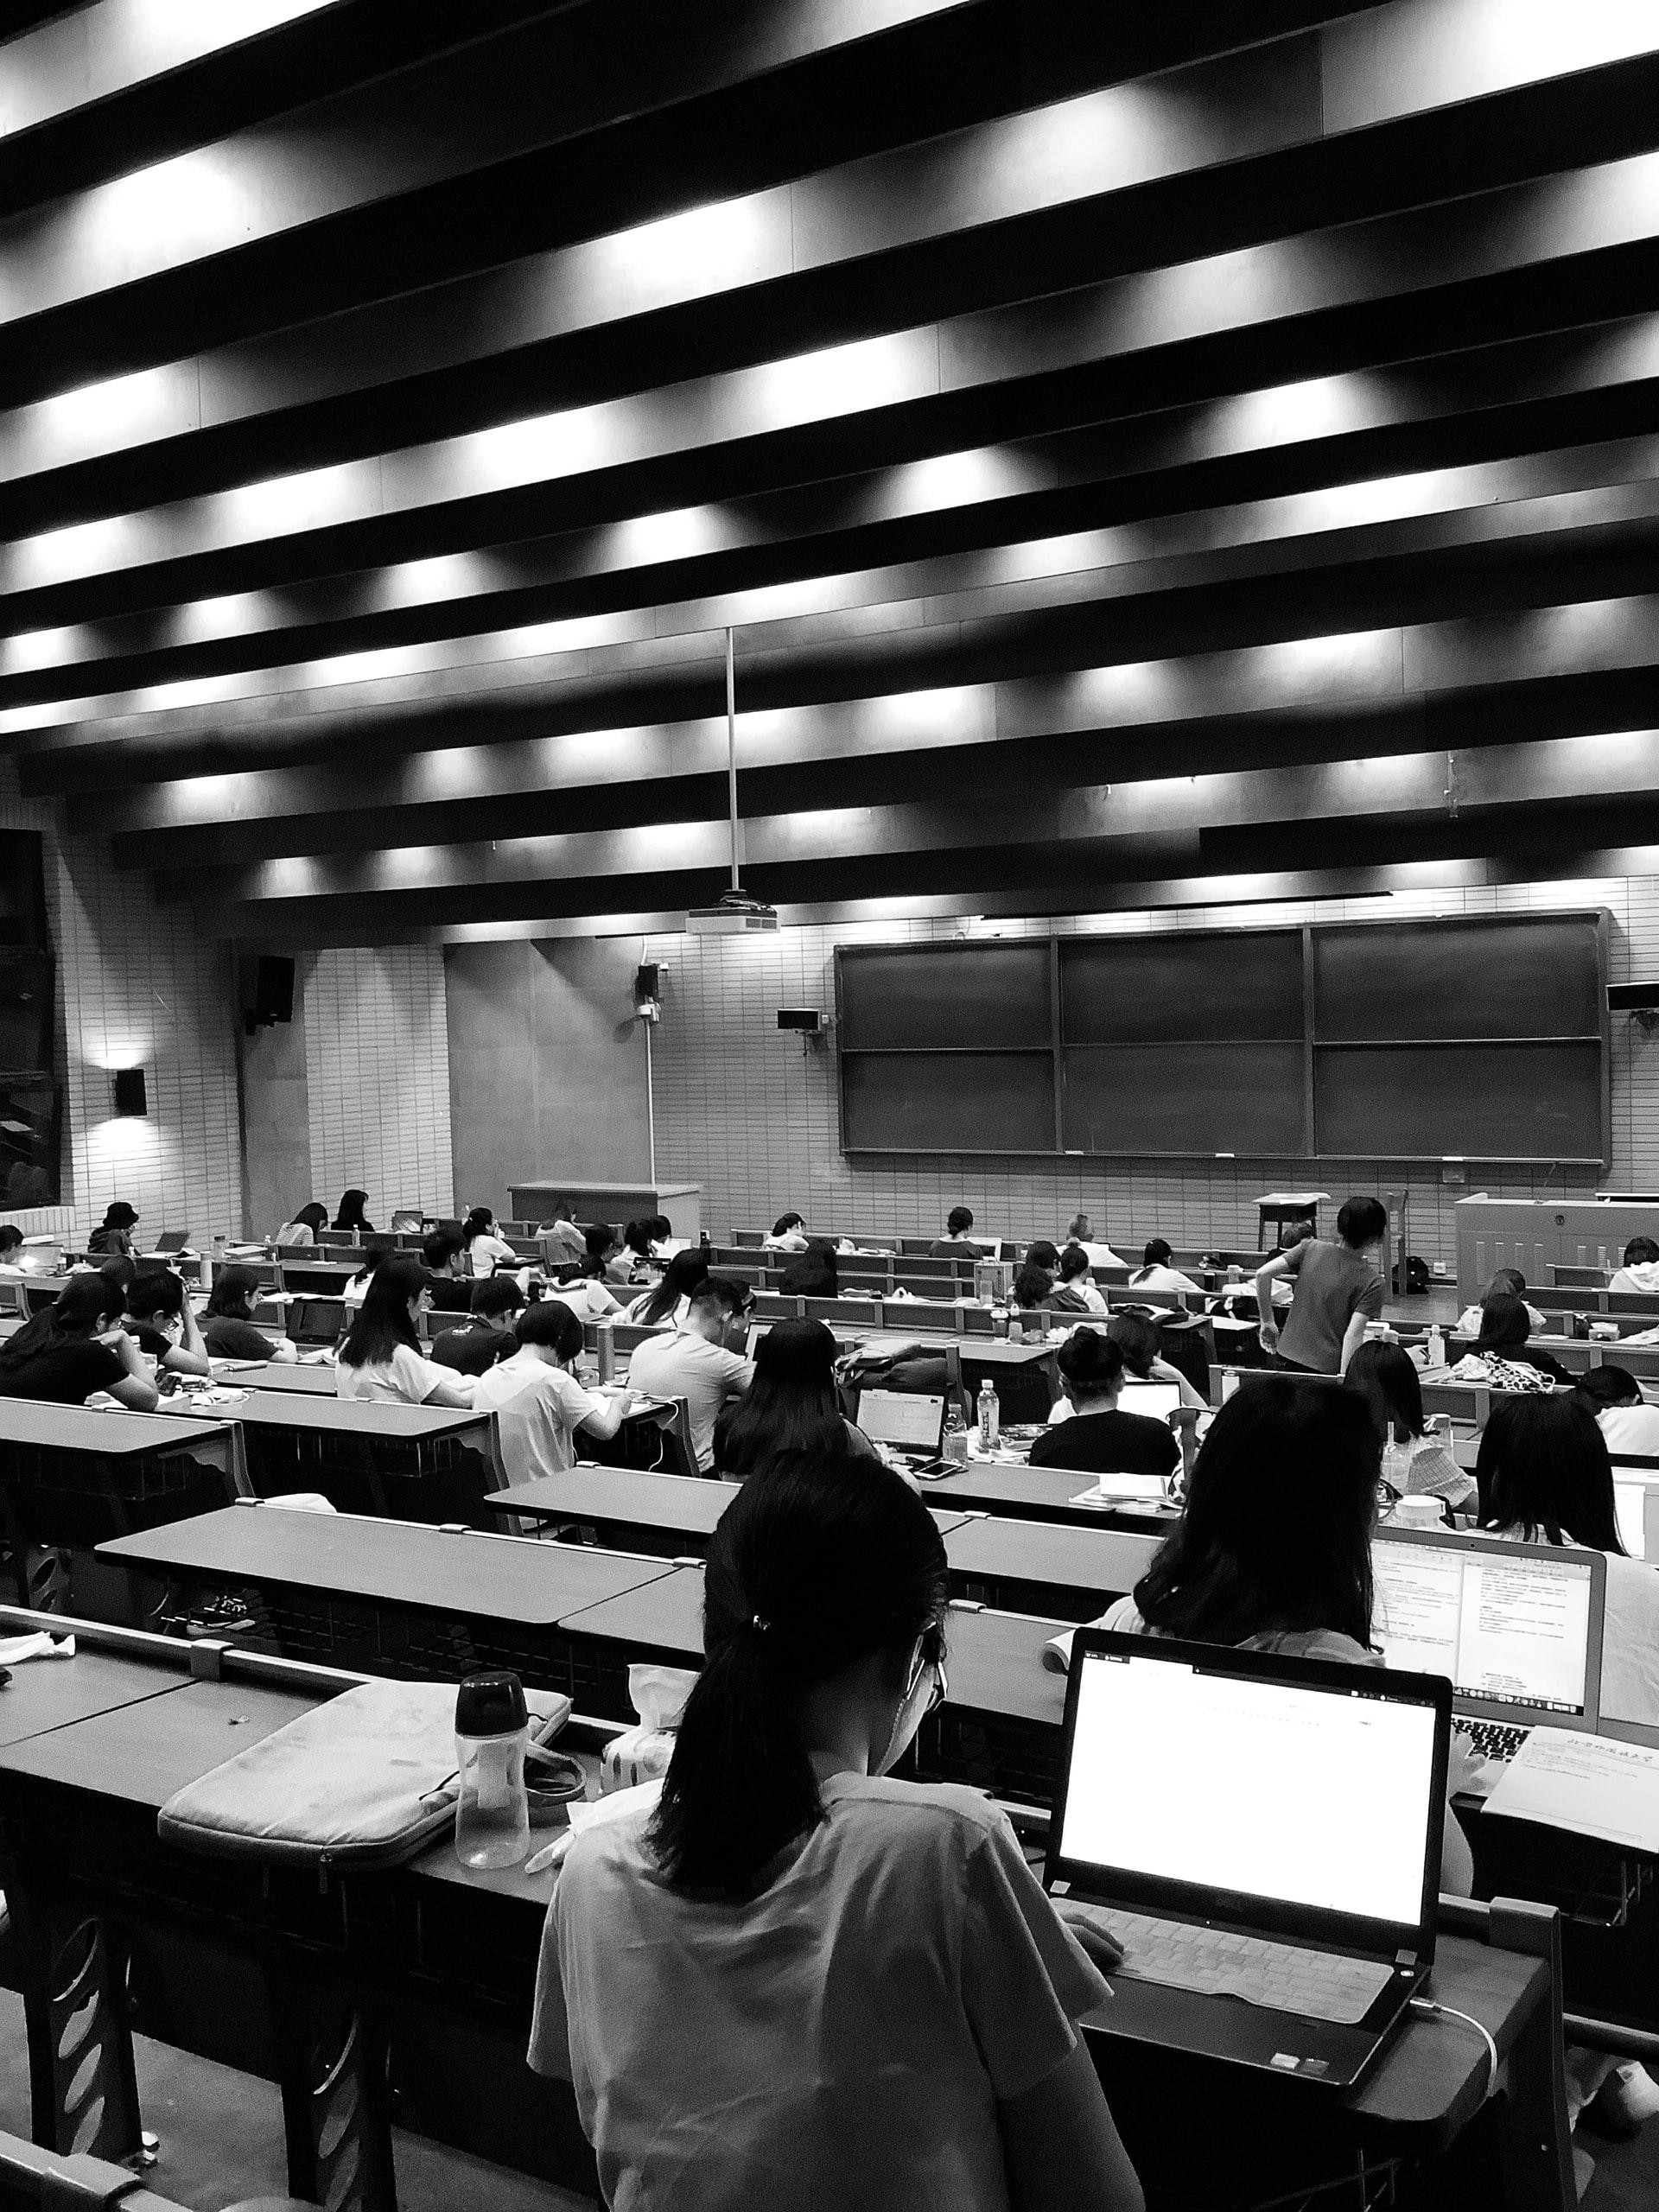 tratamiento datos escuela universidad